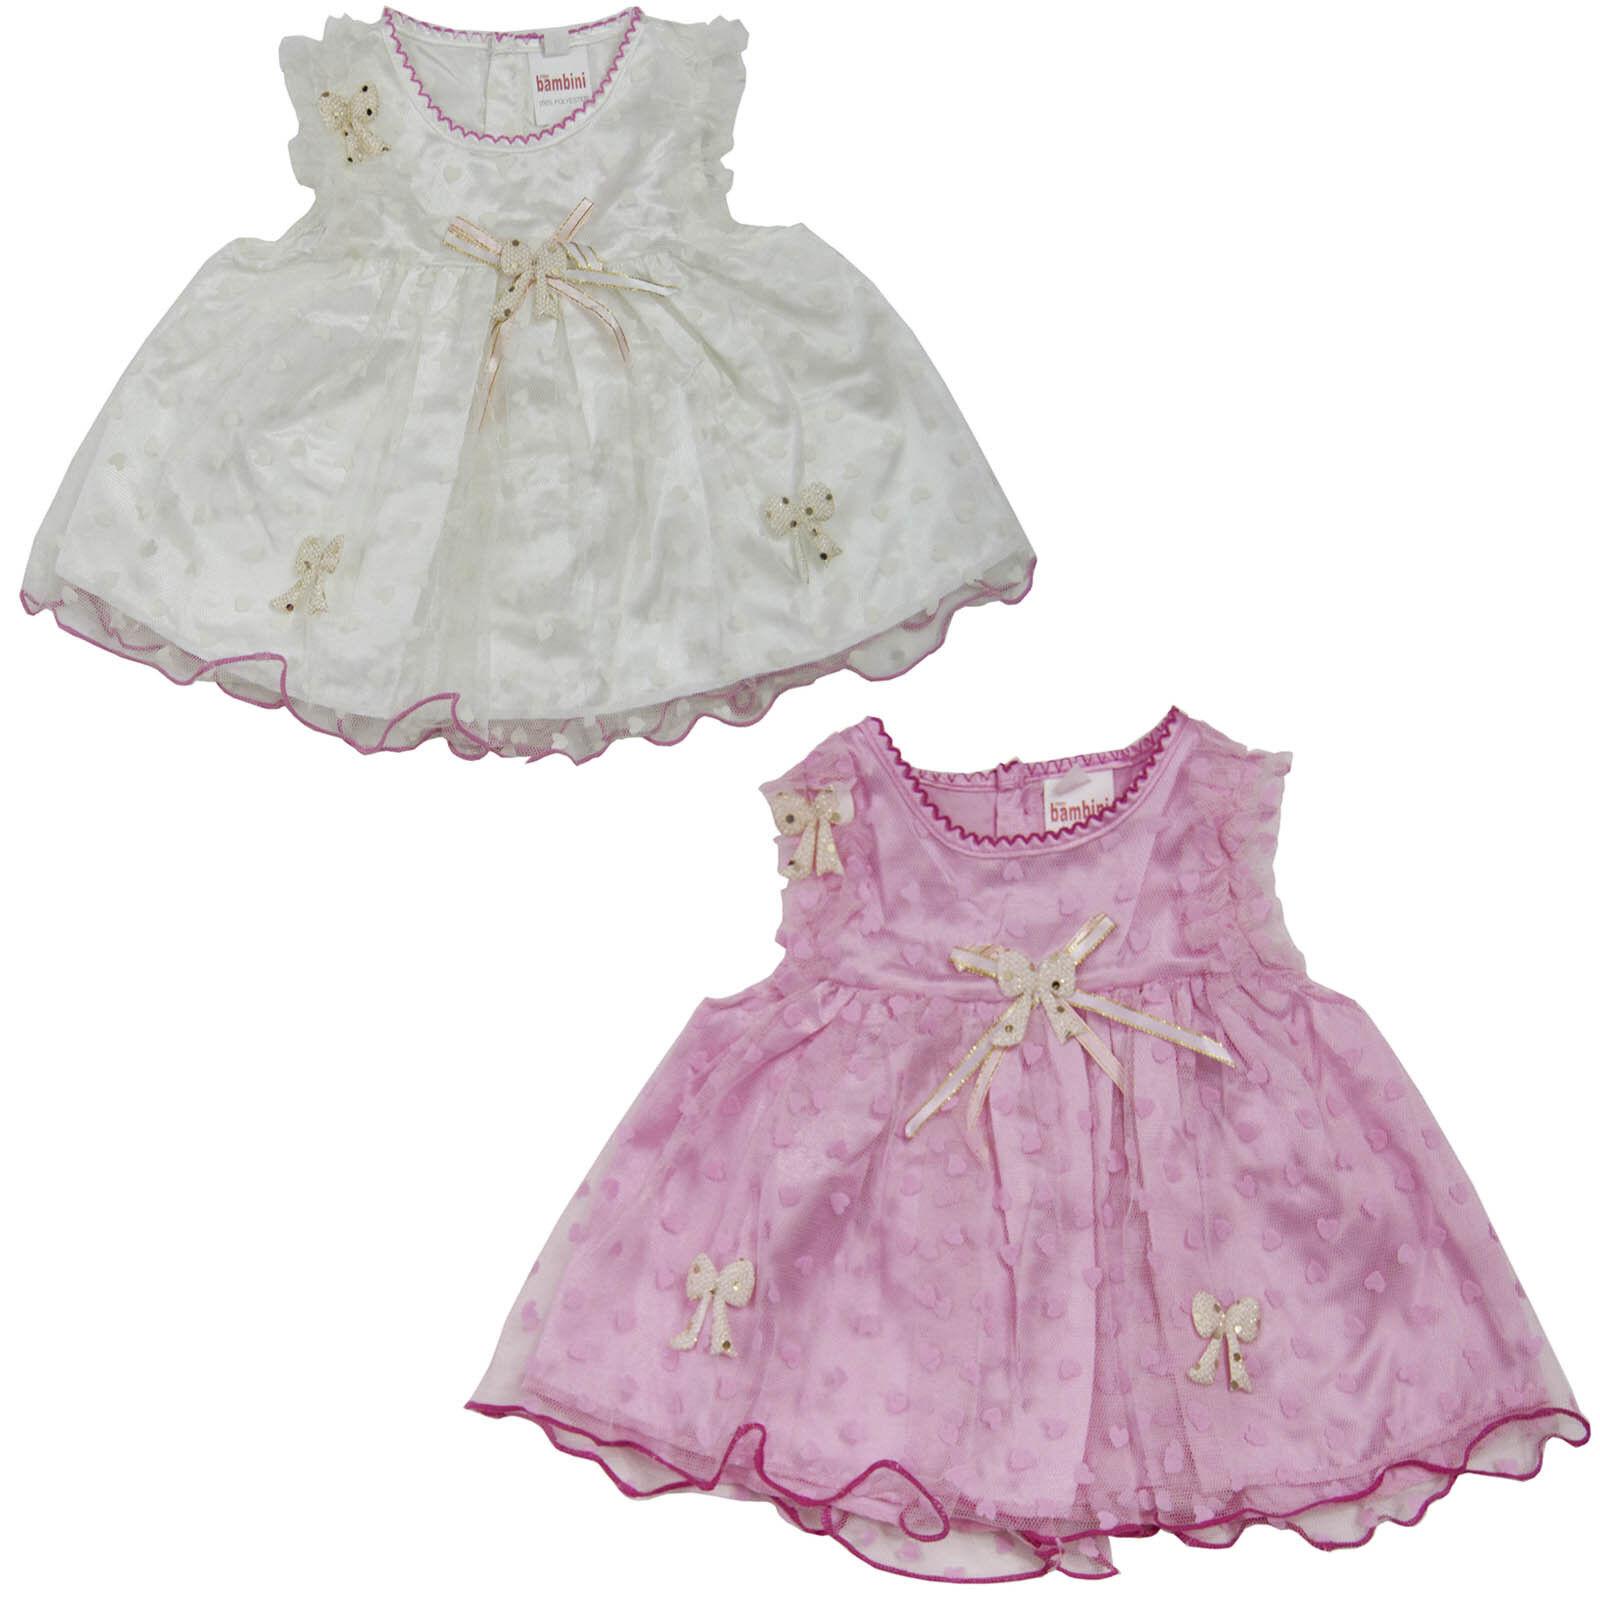 c3e3713de93d new newborn infant baby girl dress 3 piece set clothing outfit size ...